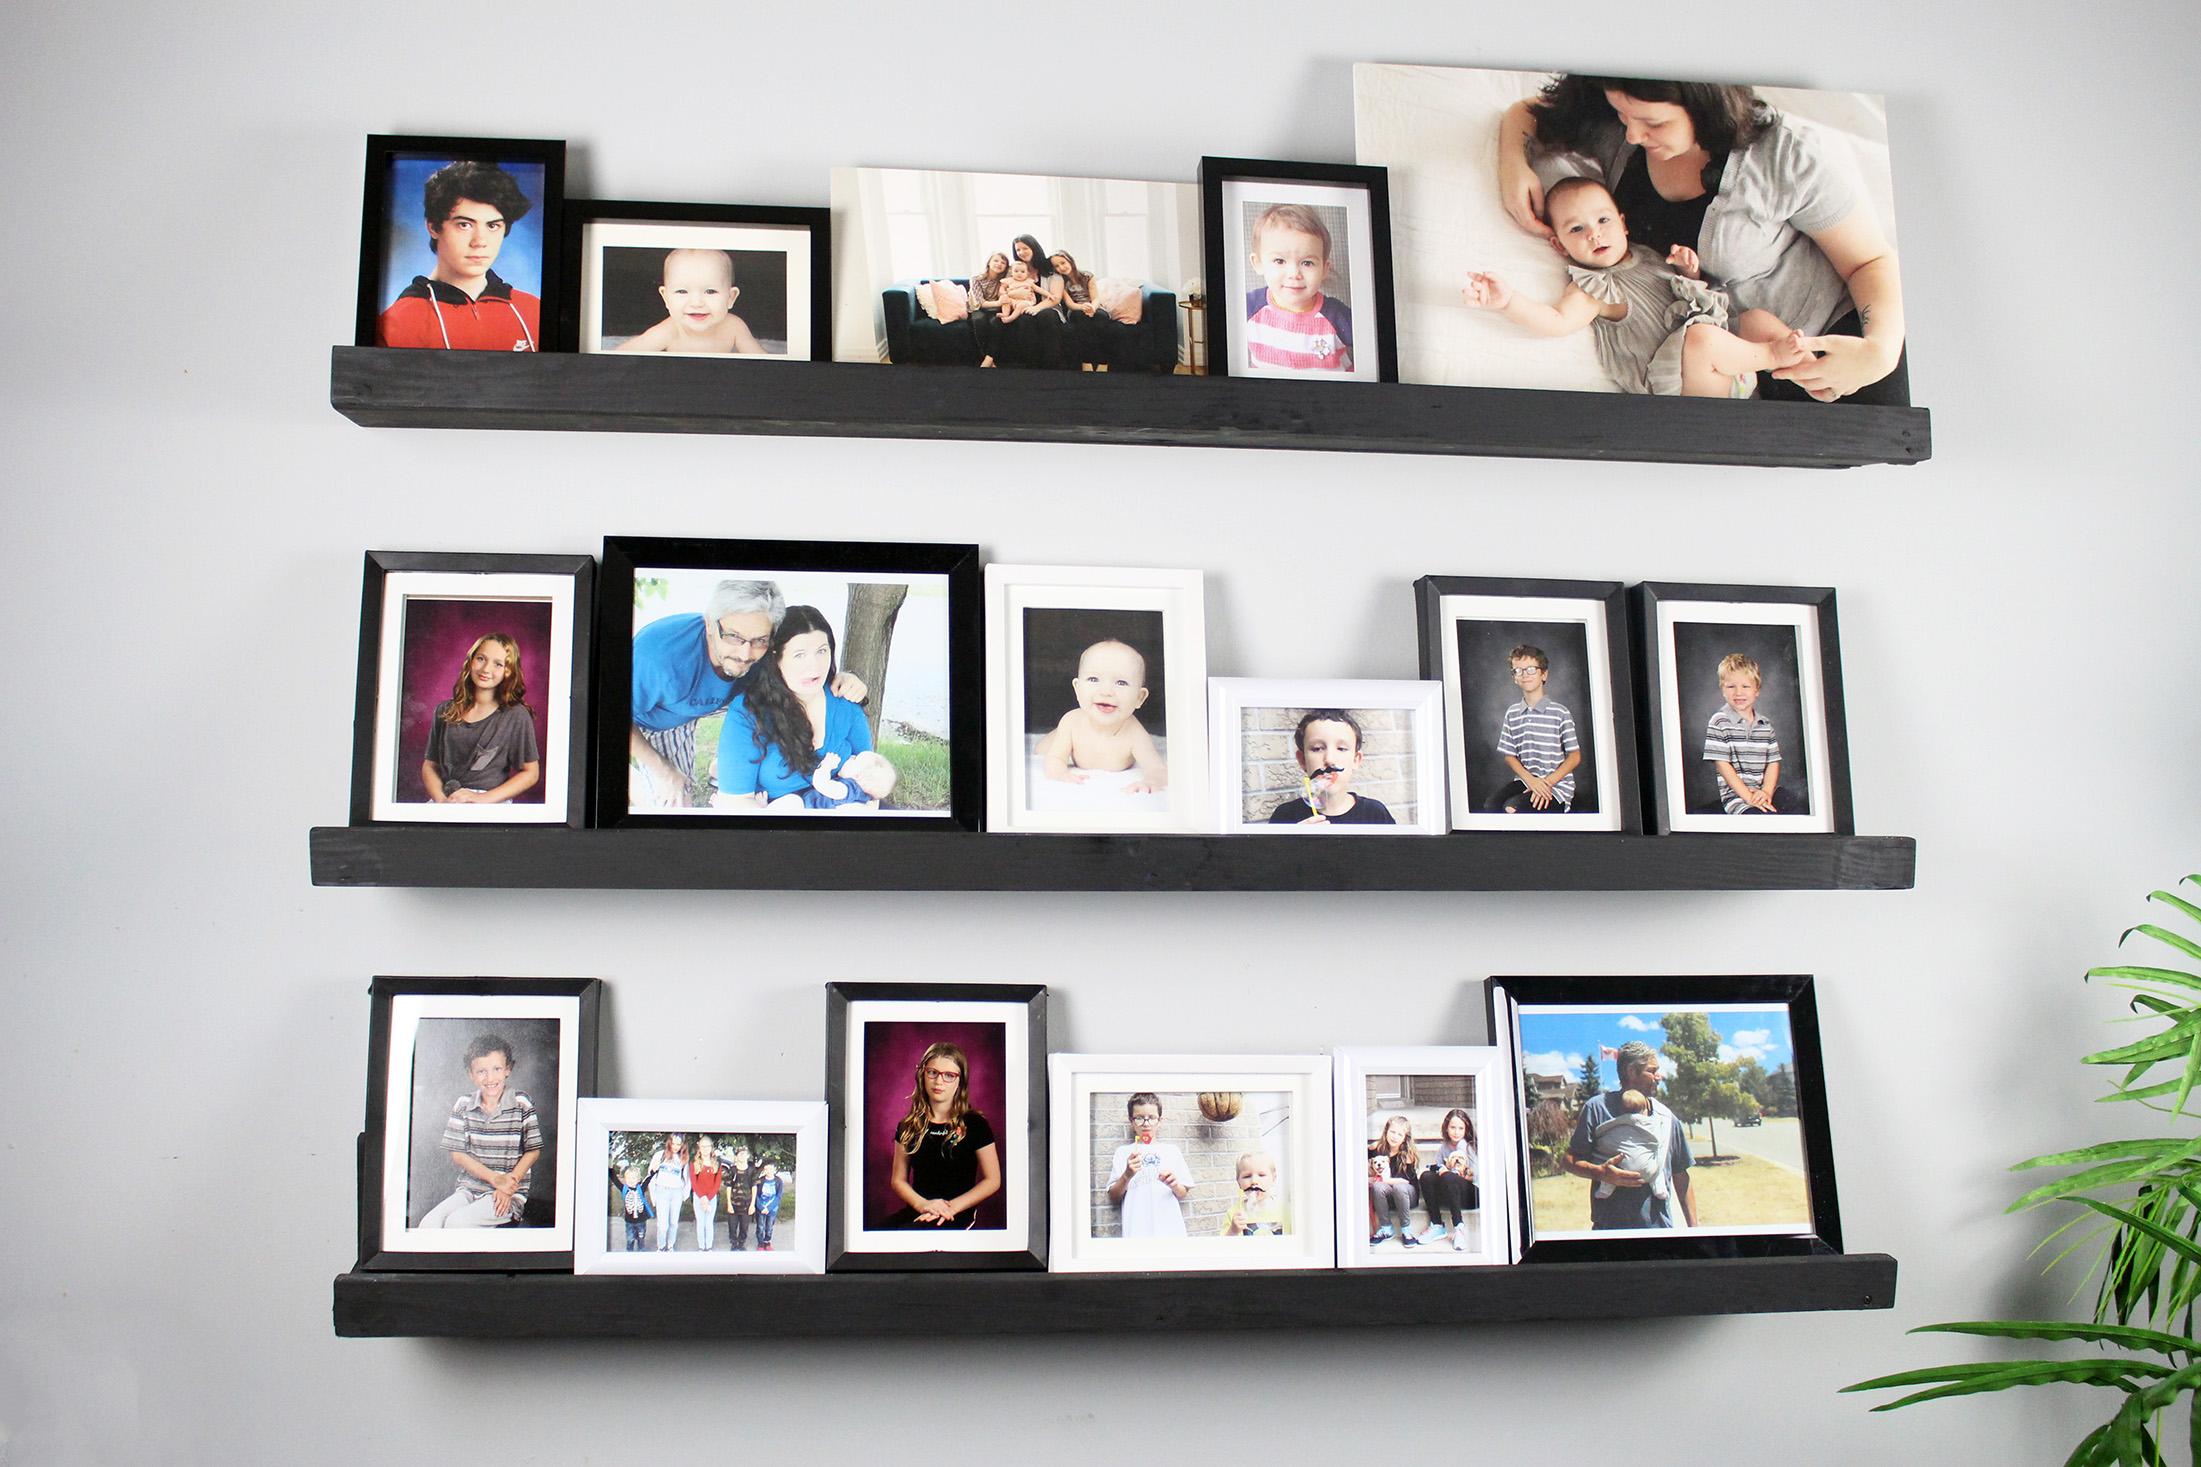 DIY Picture Ledge Shelves